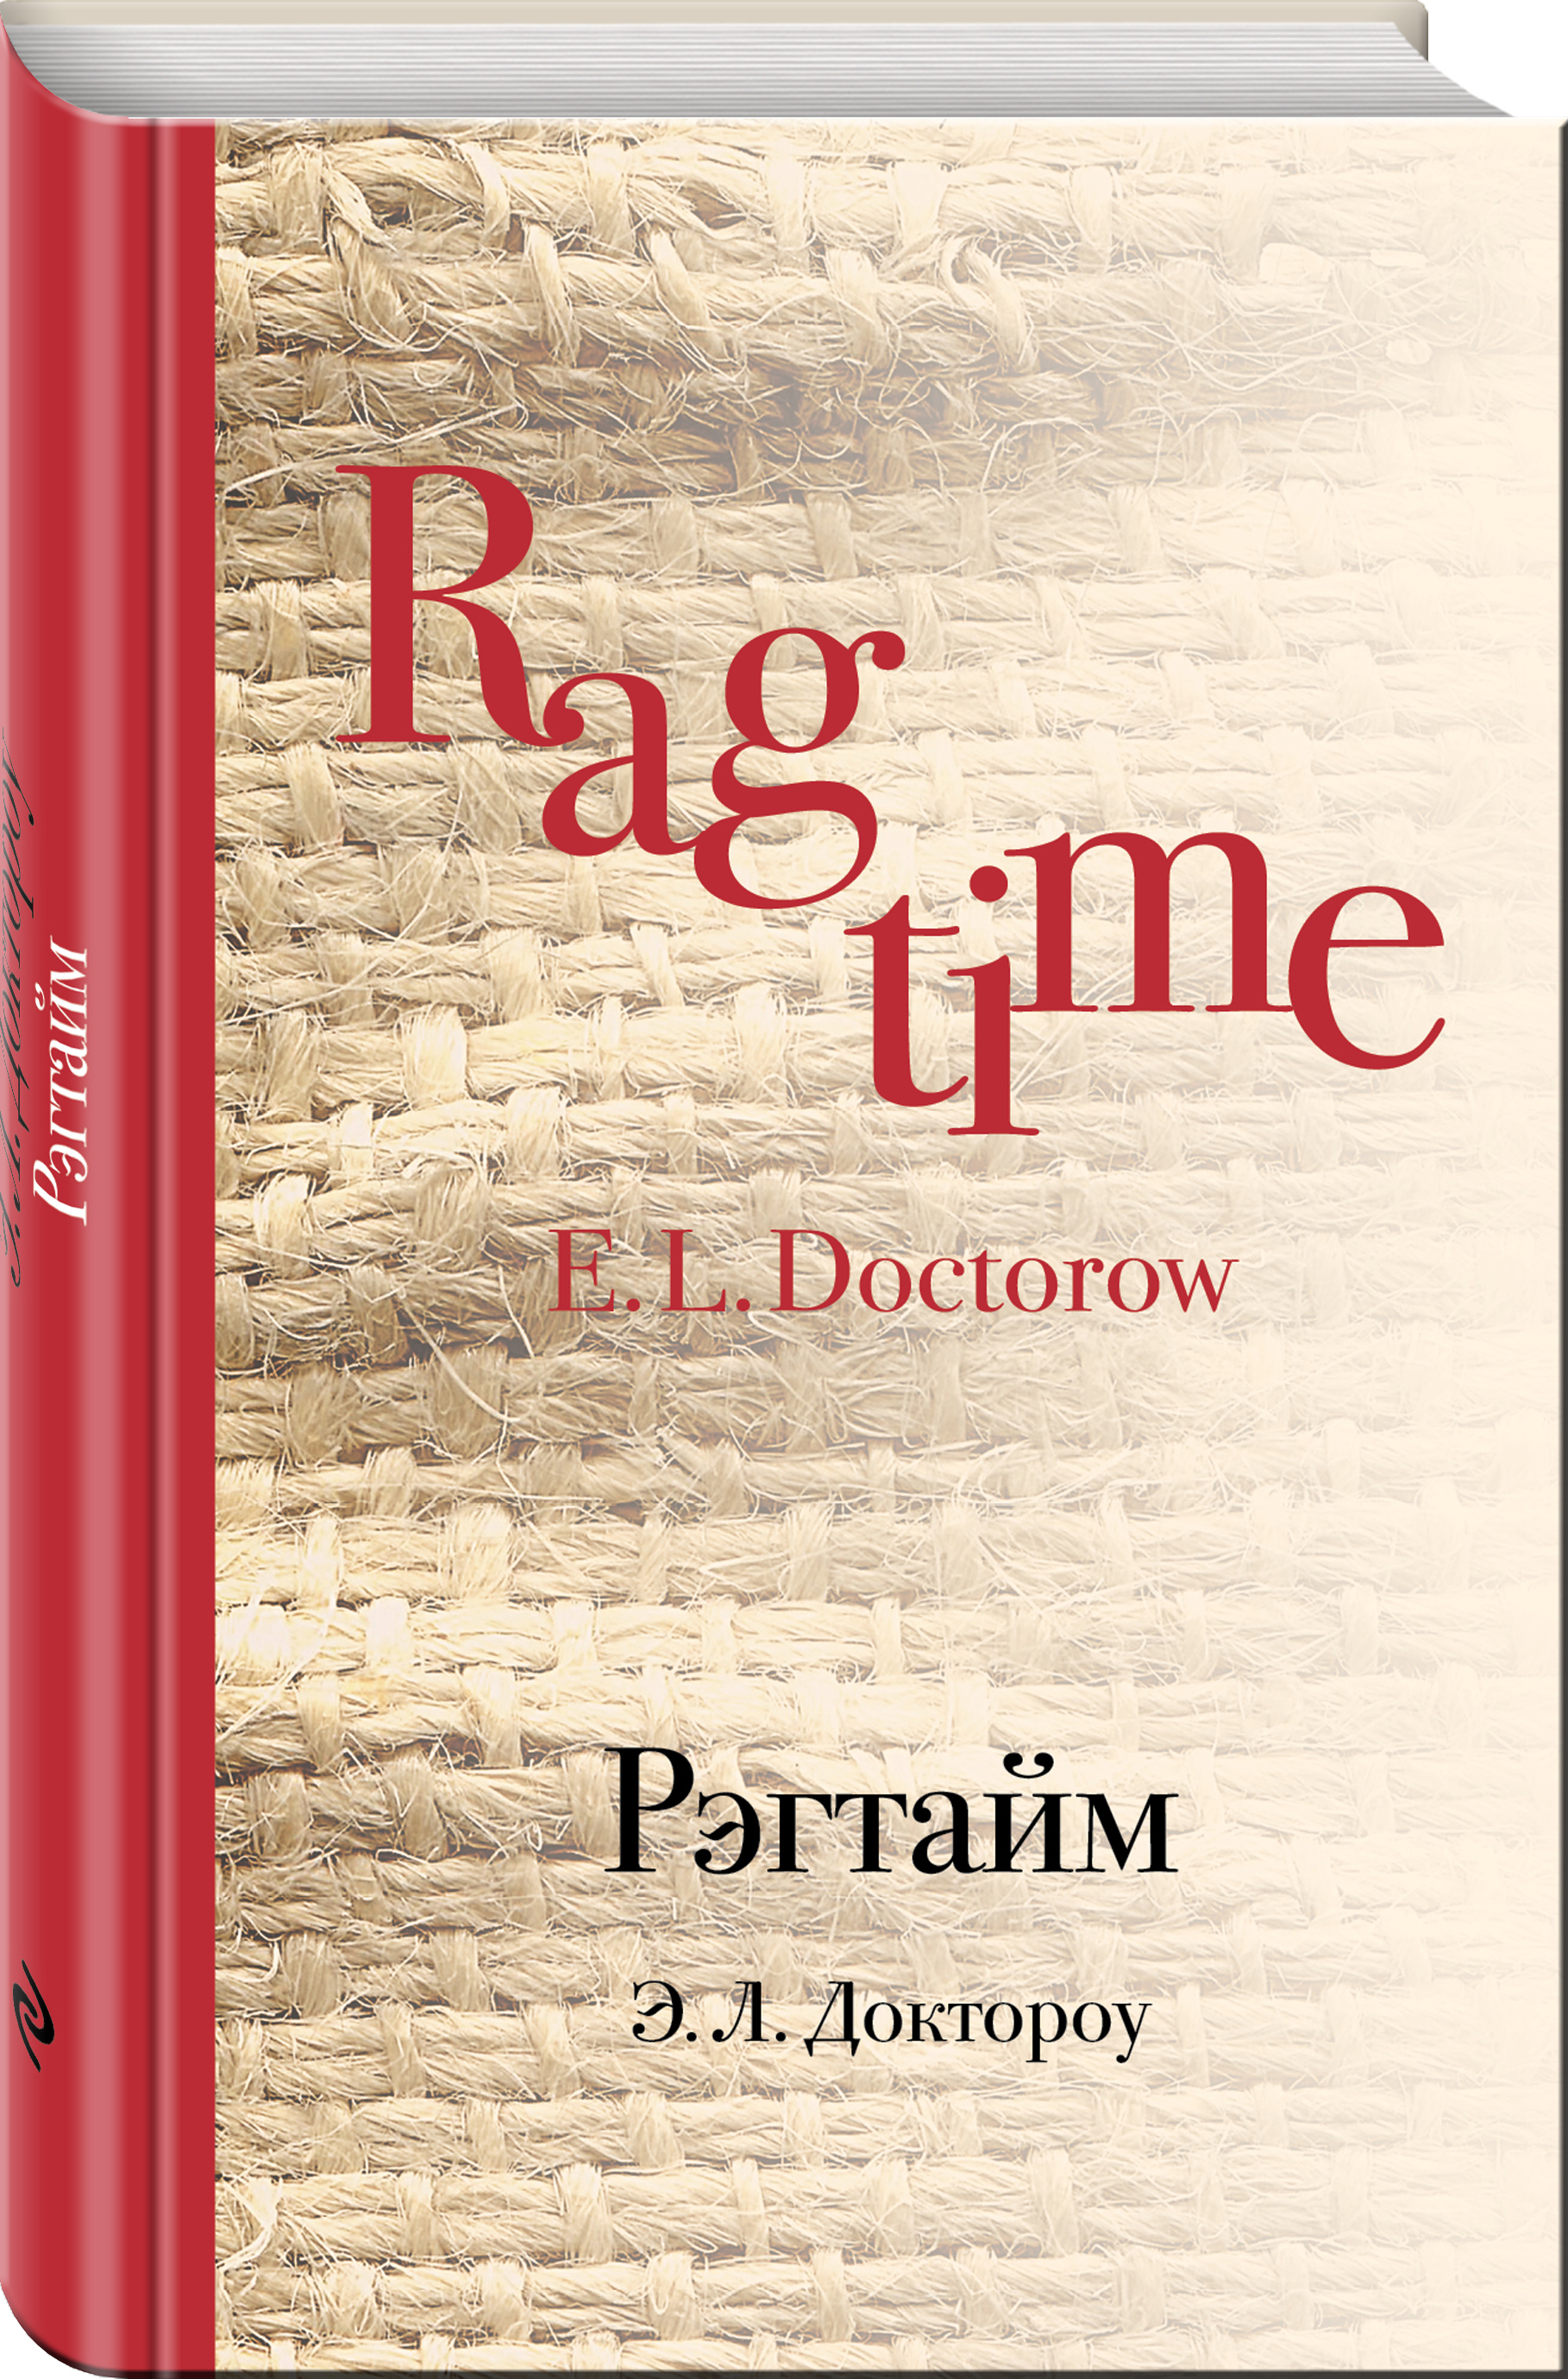 Доктороу Э.Л. Рэгтайм коваленко г великий новгород в иностранных сочинениях xv начало хх века